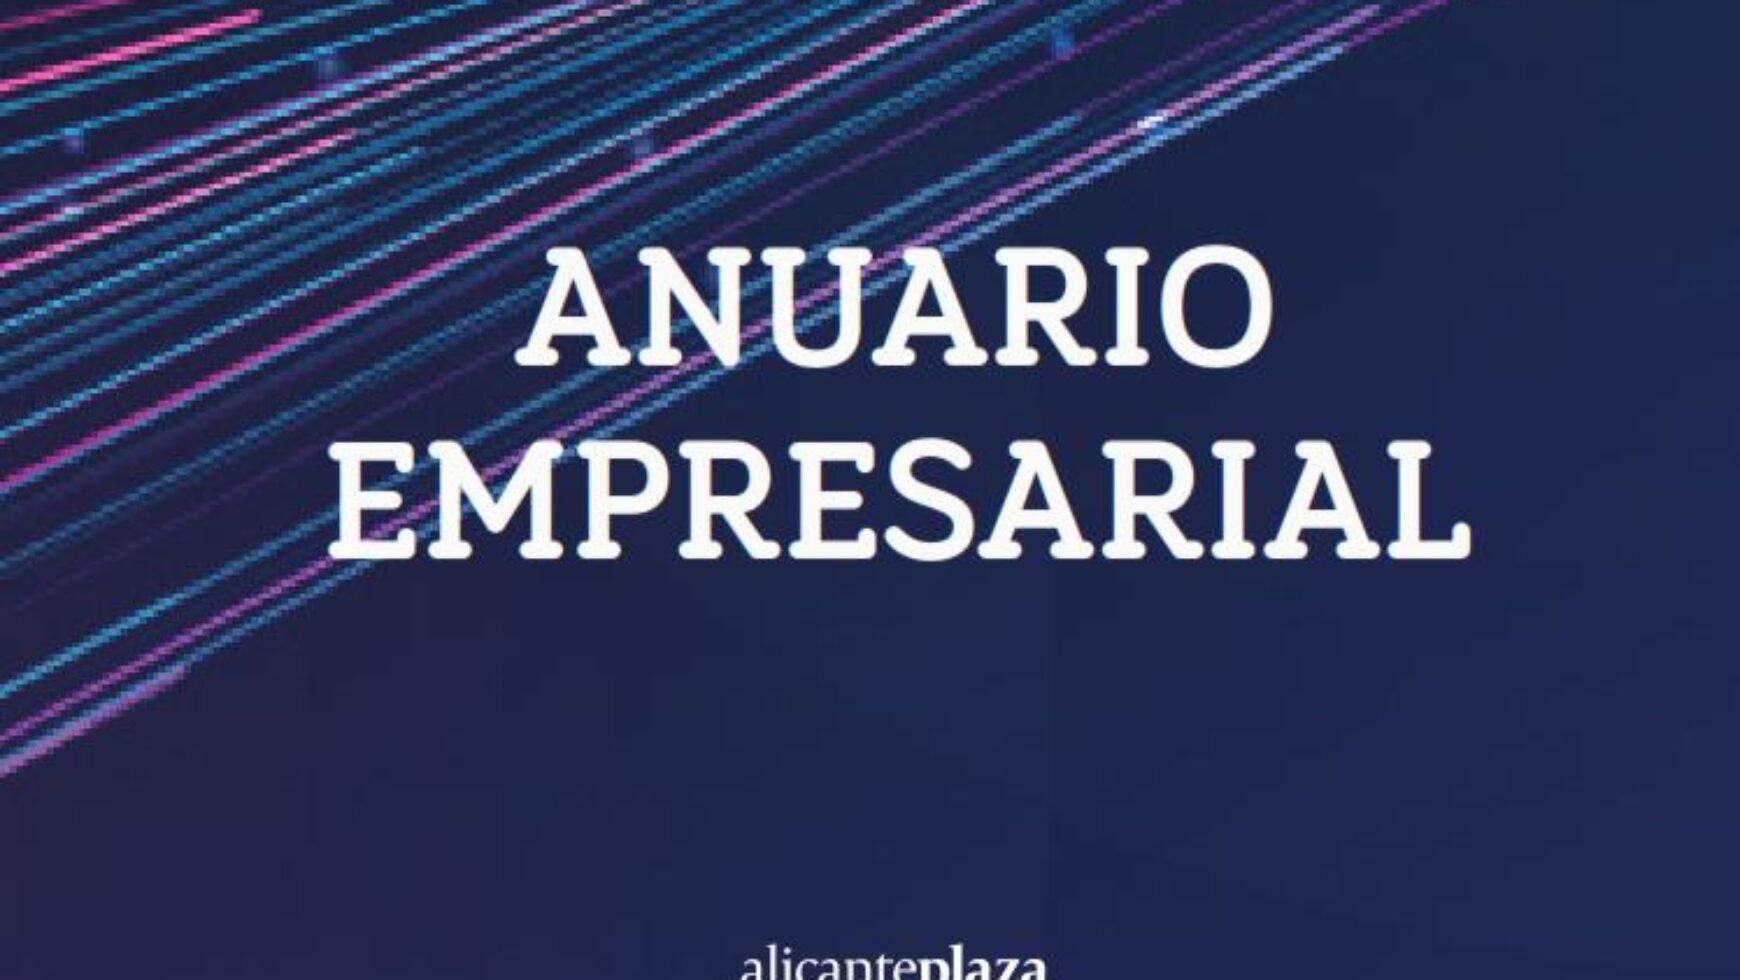 Anuario empresarial de Alicante